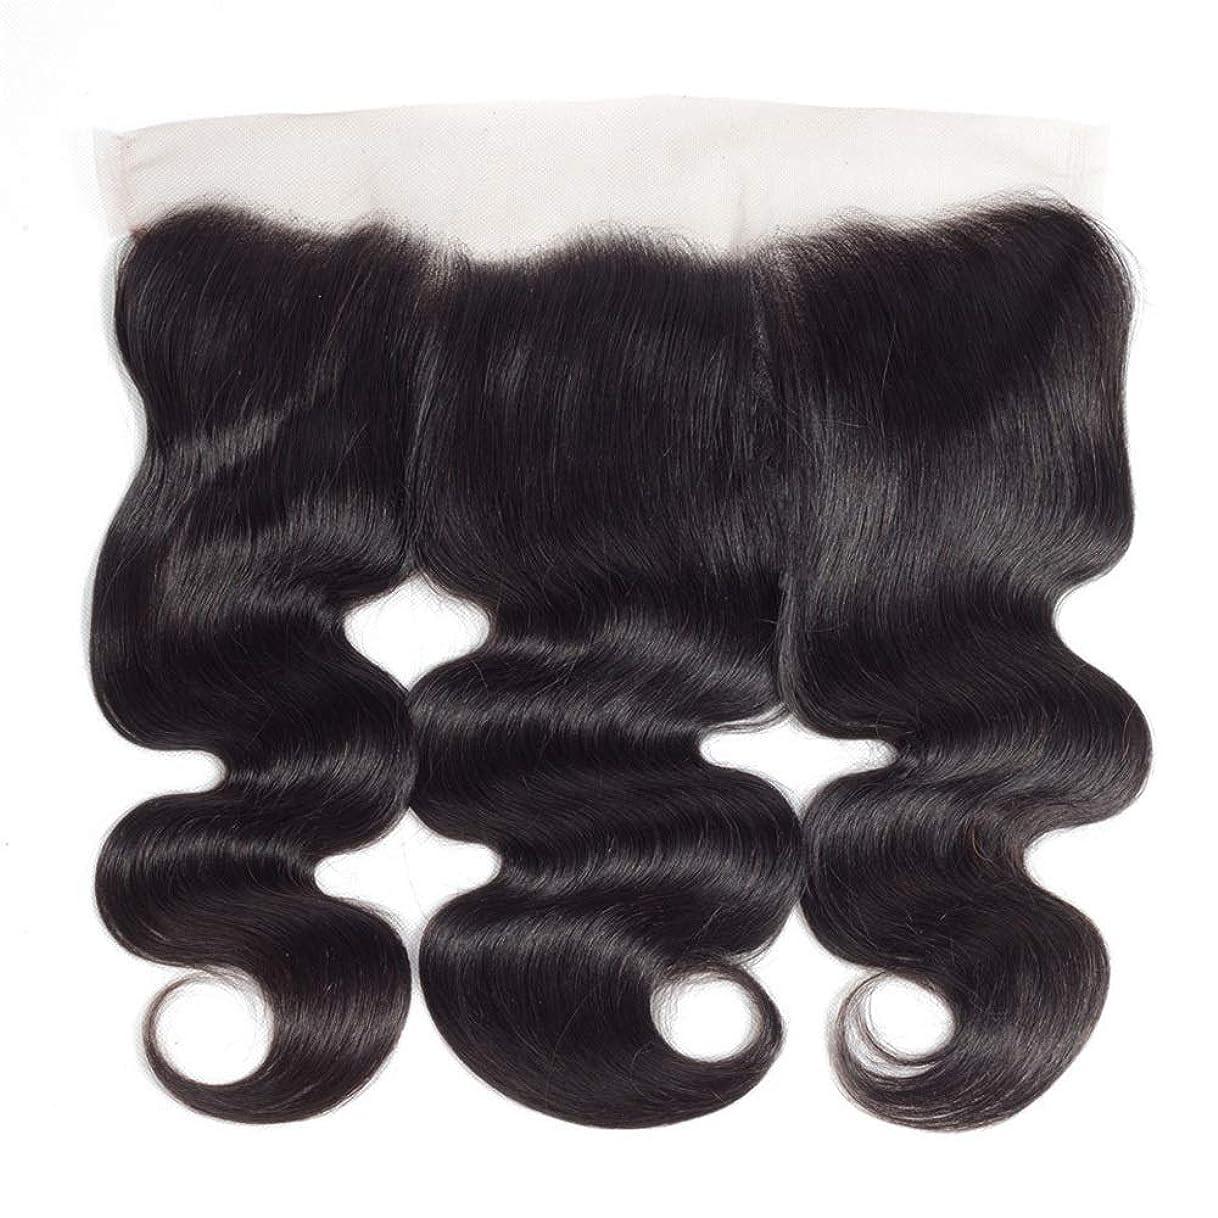 真面目な死傷者義務づけるHOHYLLYA ブラジルの実体波人間の髪の毛の自由な部分13×4インチレース前頭閉鎖8インチ-20インチロングカーリーウィッグビッグウェーブウィッグ (色 : 黒, サイズ : 20 inch)